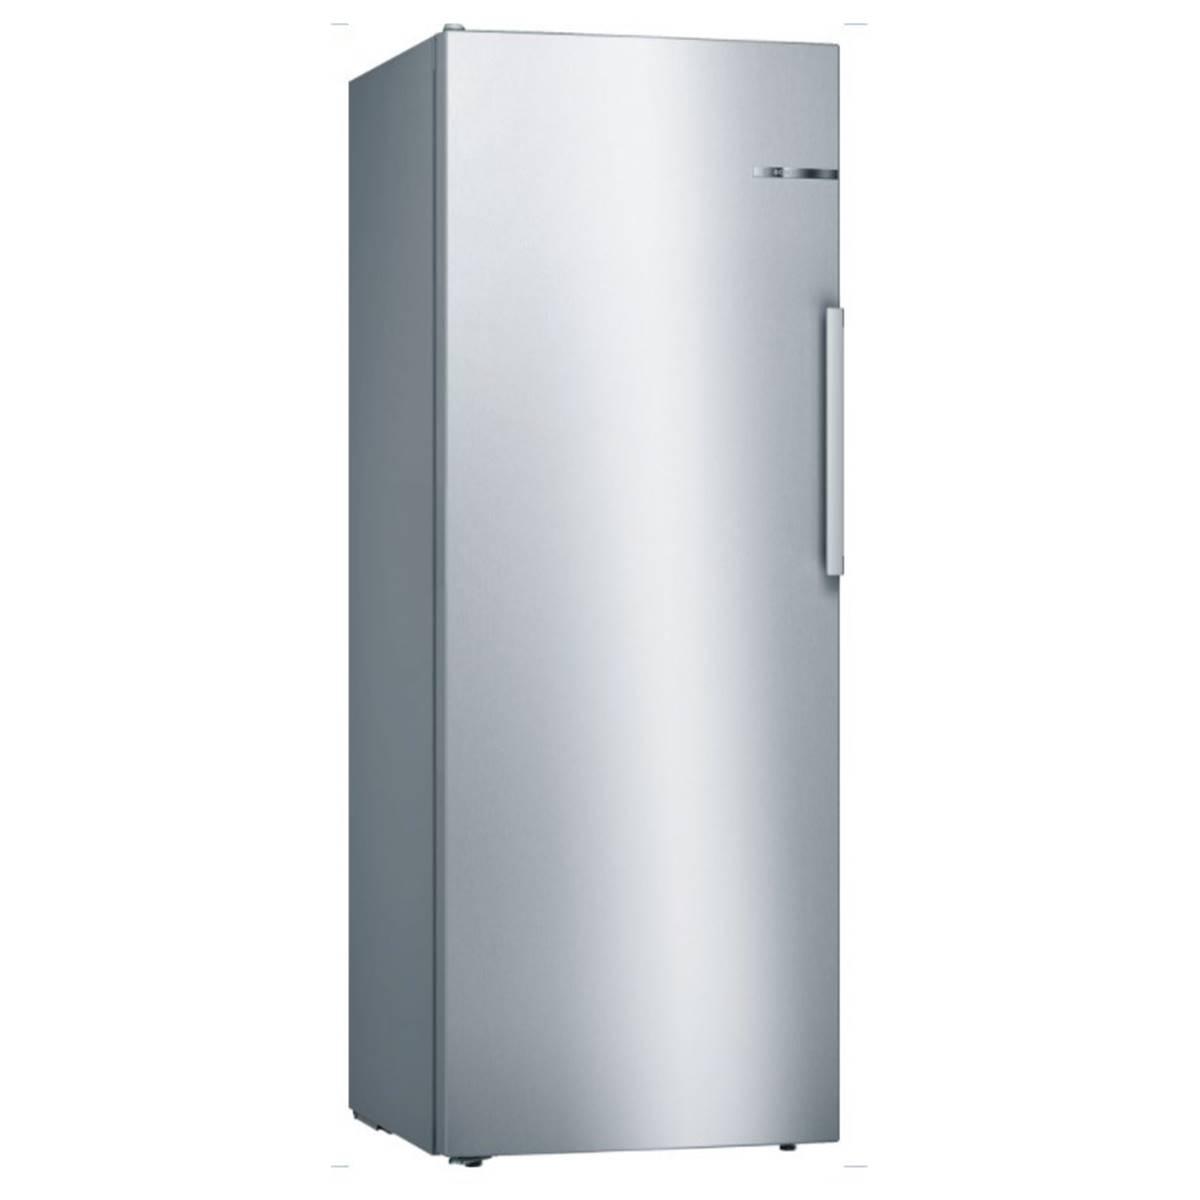 refrigerateur 1 porte bosch ksv29vl3p. Black Bedroom Furniture Sets. Home Design Ideas